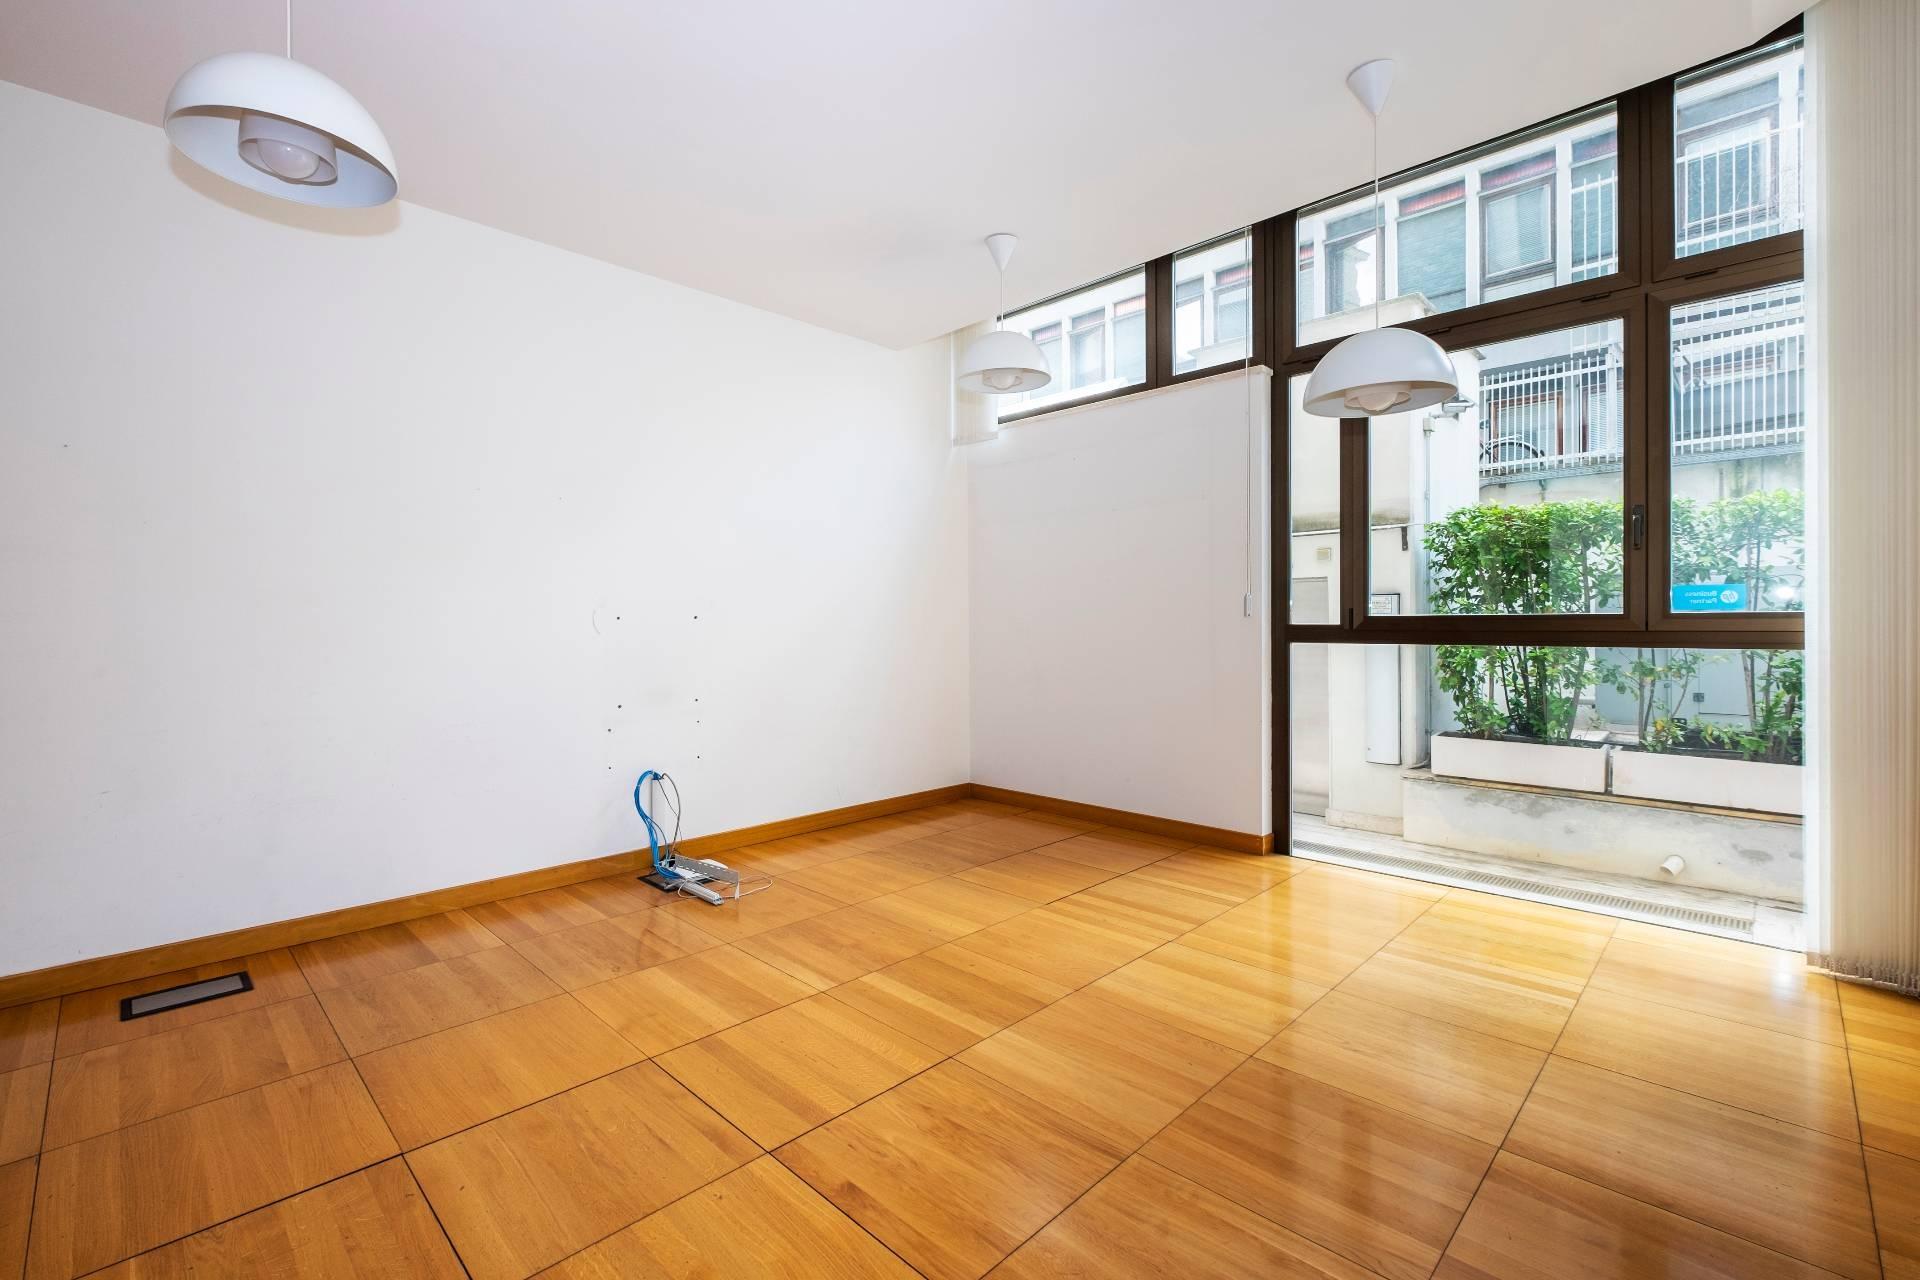 Appartamento in Vendita a Roma 02 Parioli / Pinciano / Flaminio: 2 locali, 43 mq